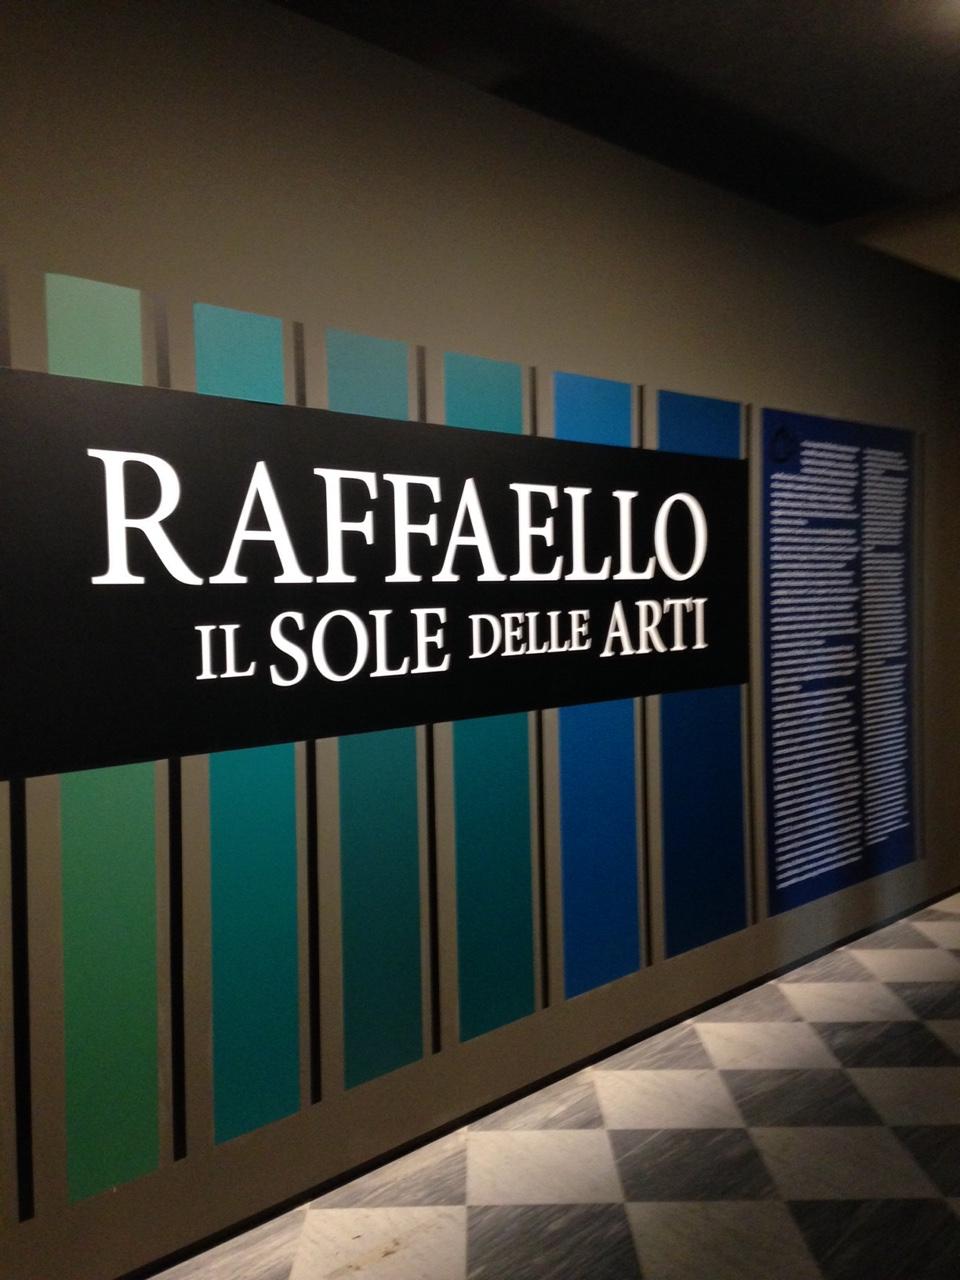 Prezzi biglietti mostra Raffaello e il sole delle arti, Torino